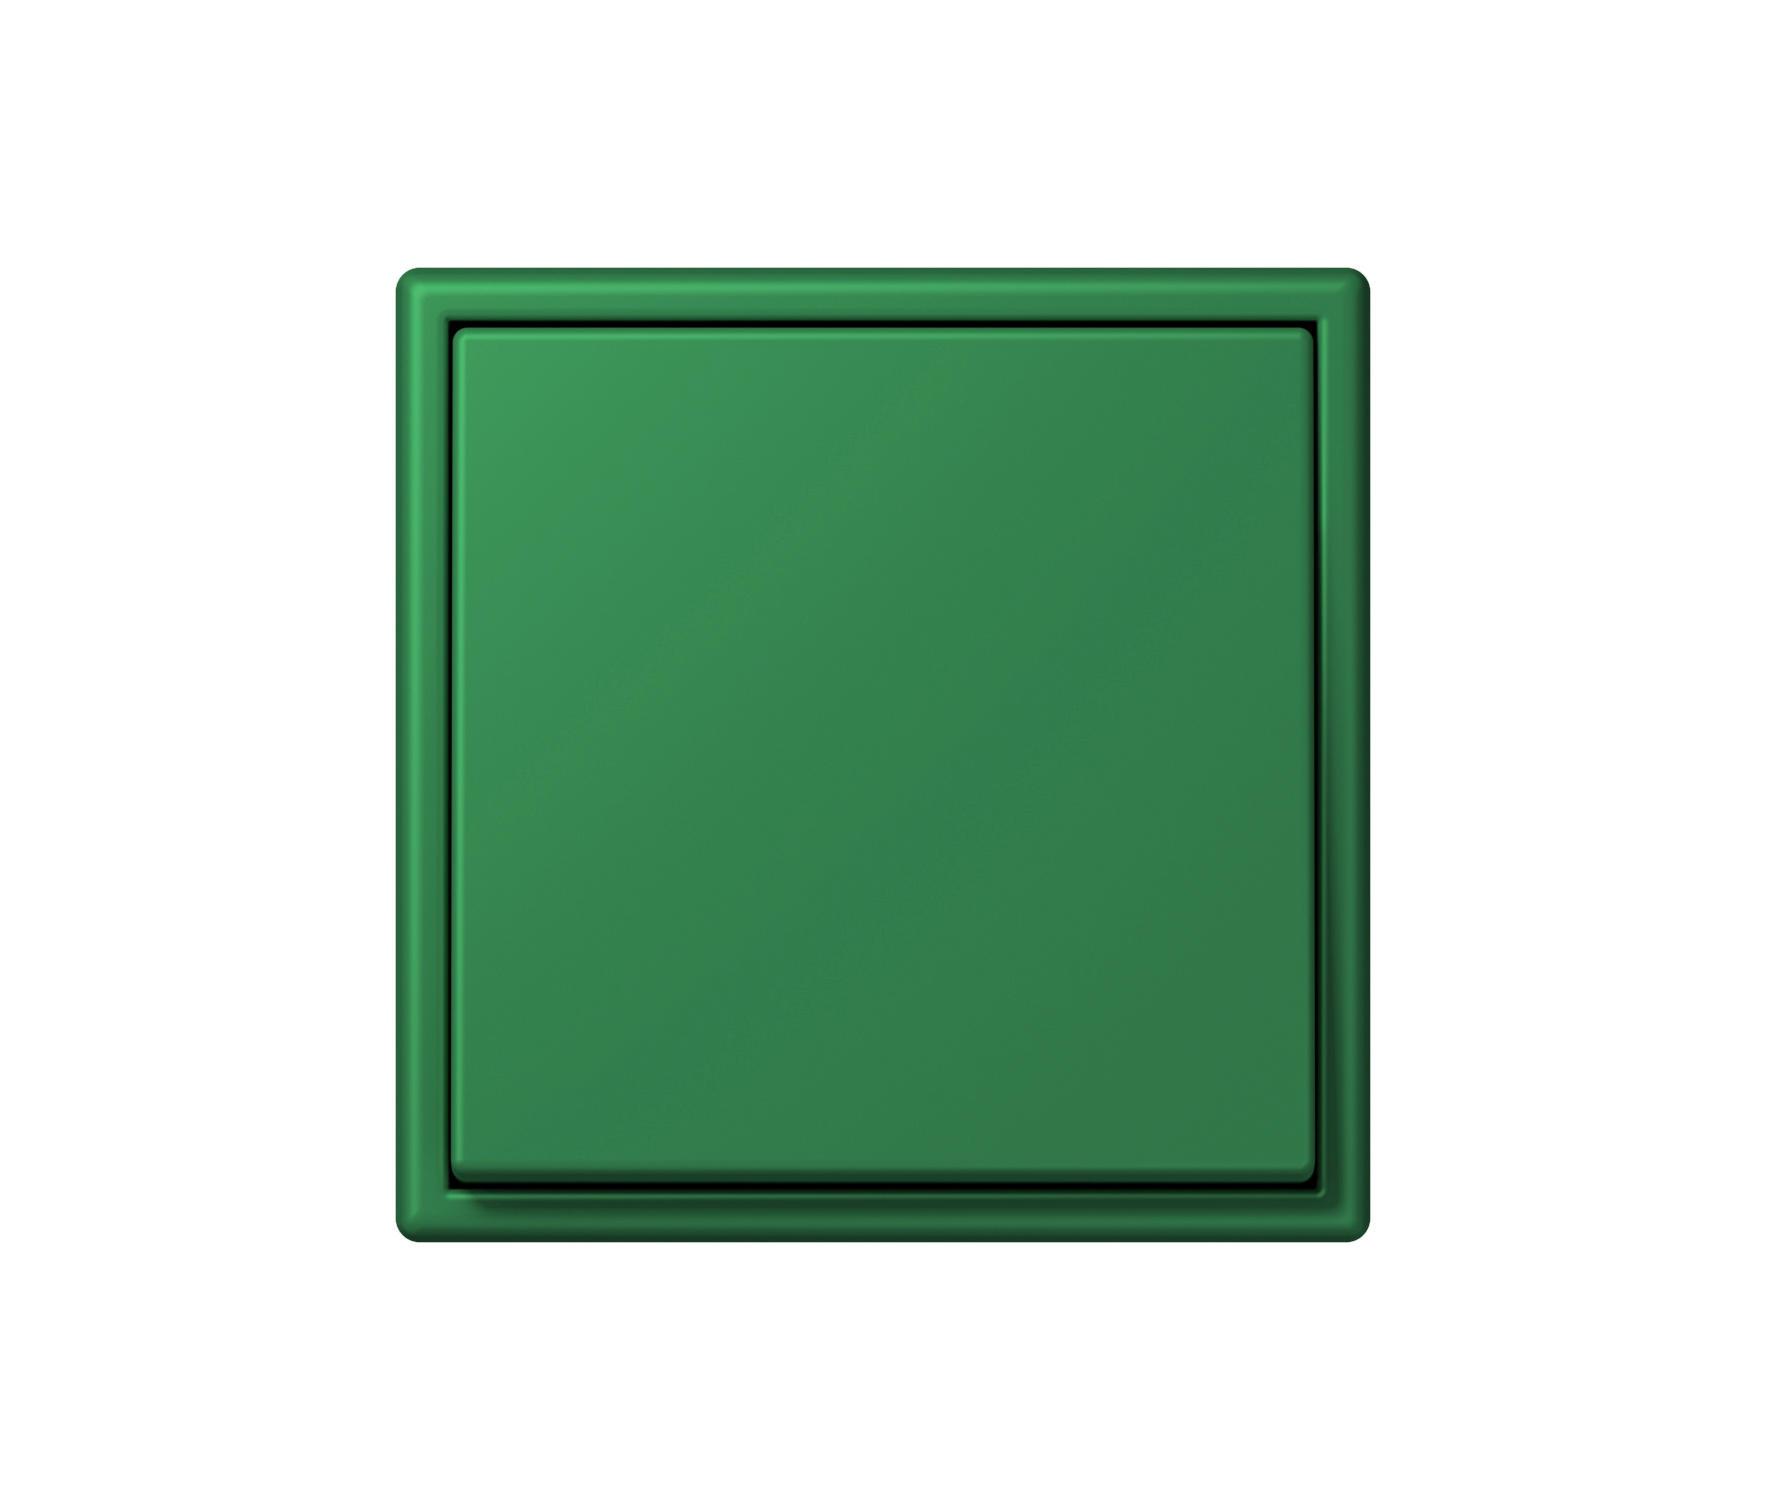 ls 990 32050 schalter wippschalter von jung architonic. Black Bedroom Furniture Sets. Home Design Ideas